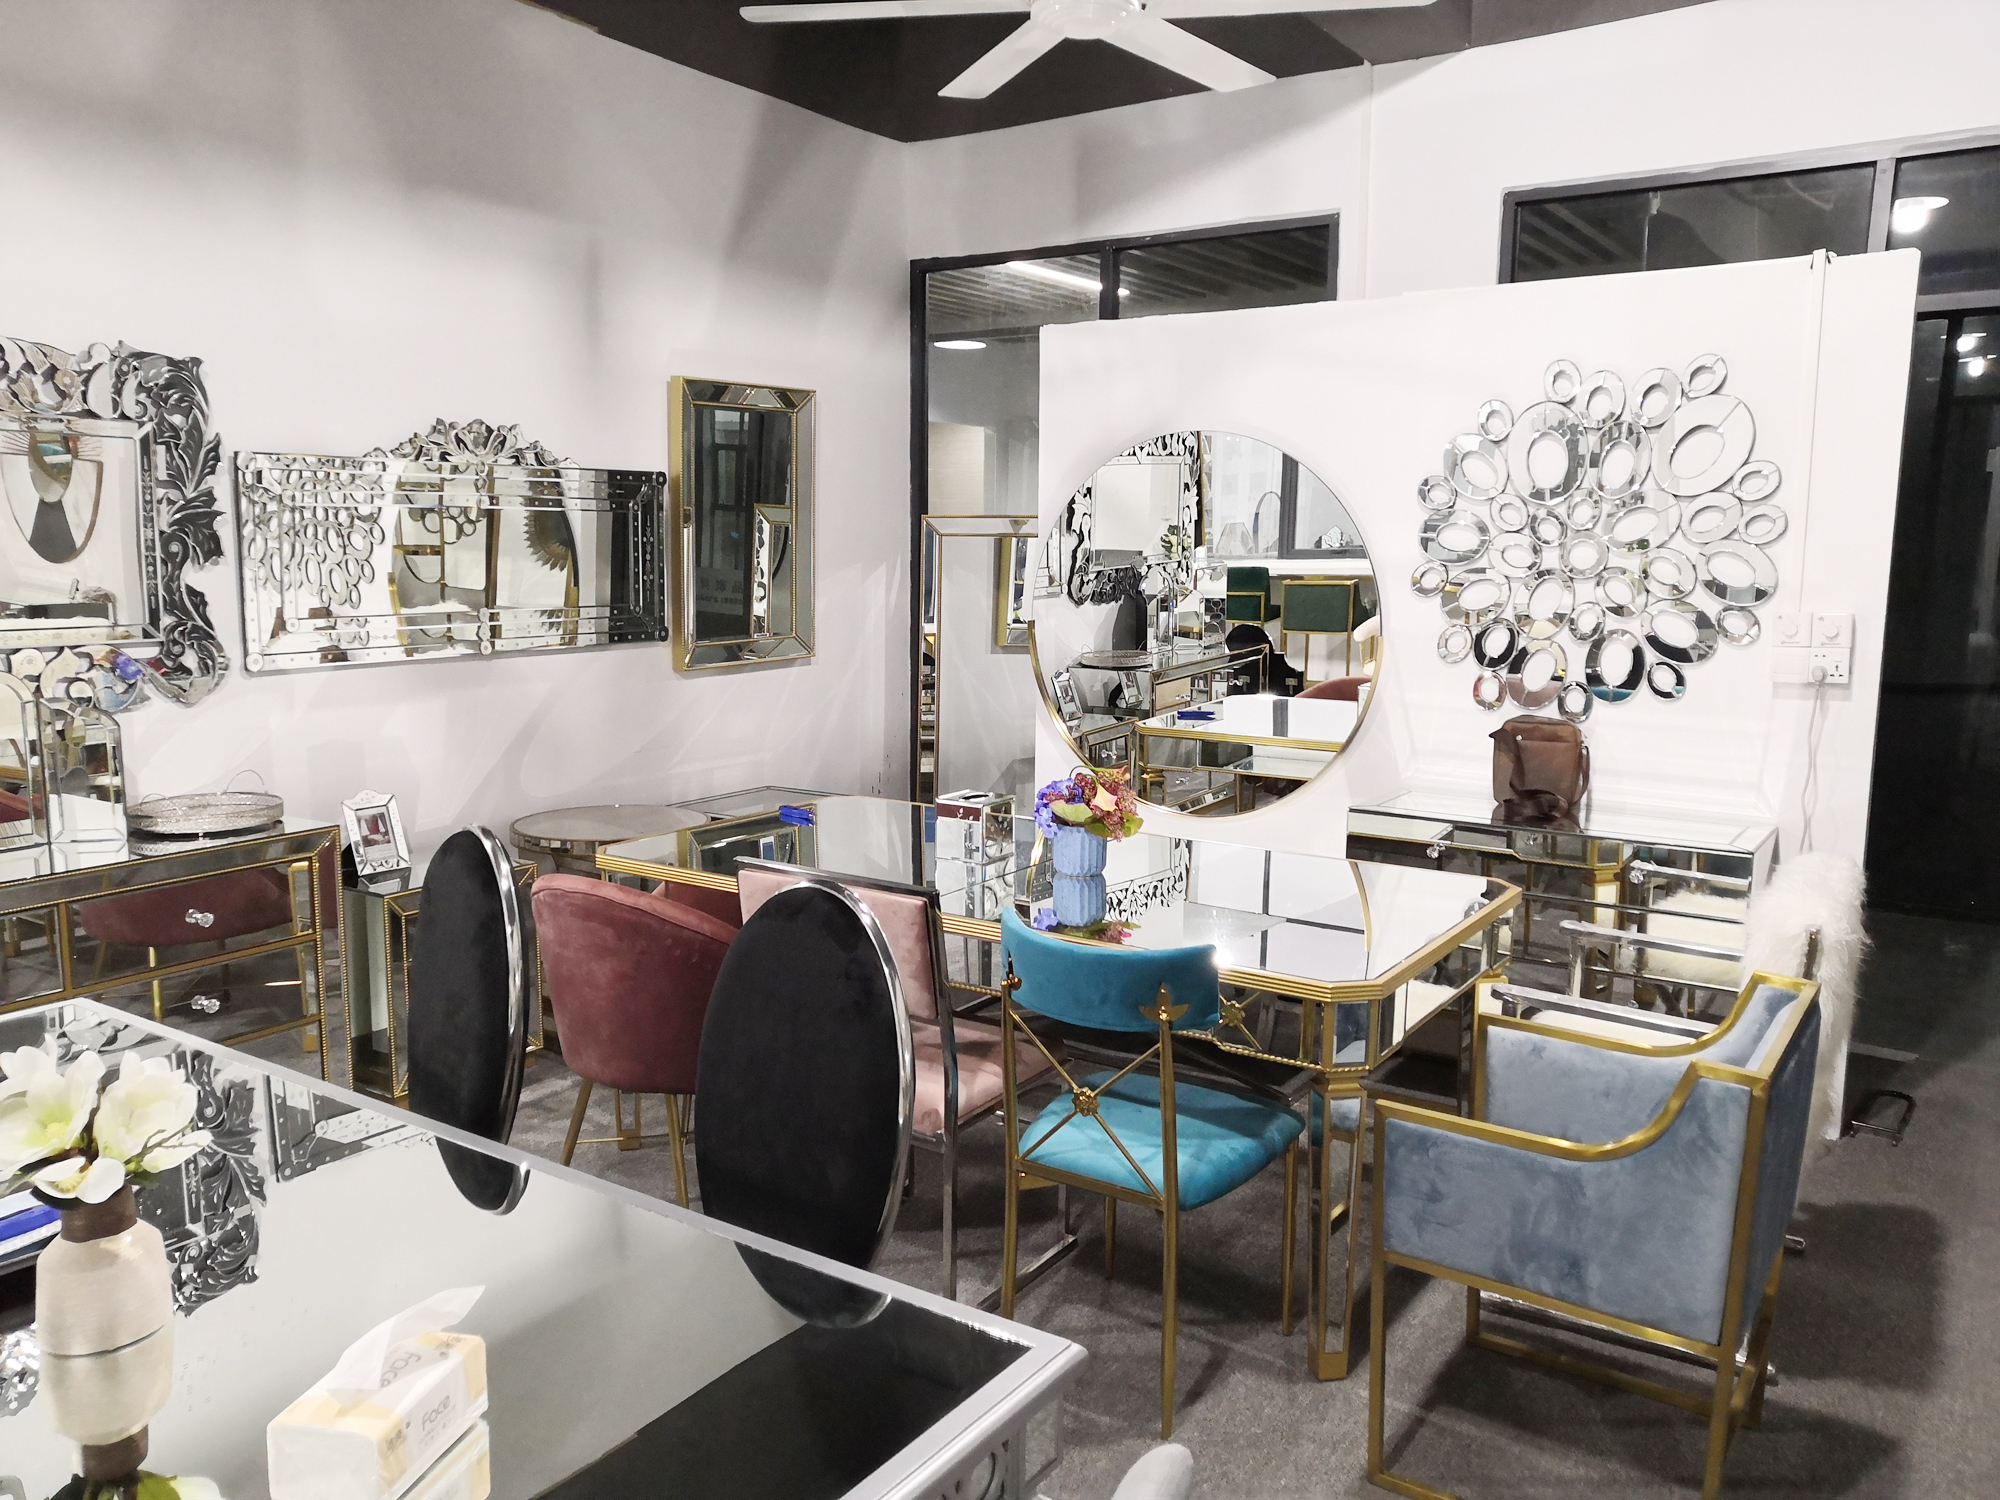 Miroir Moderne En Forme De Diamant Table Basse Pour Meubles De Salon Buy Table Basse A Miroir De Style Diamant Table Basse De Salon En Miroir Table